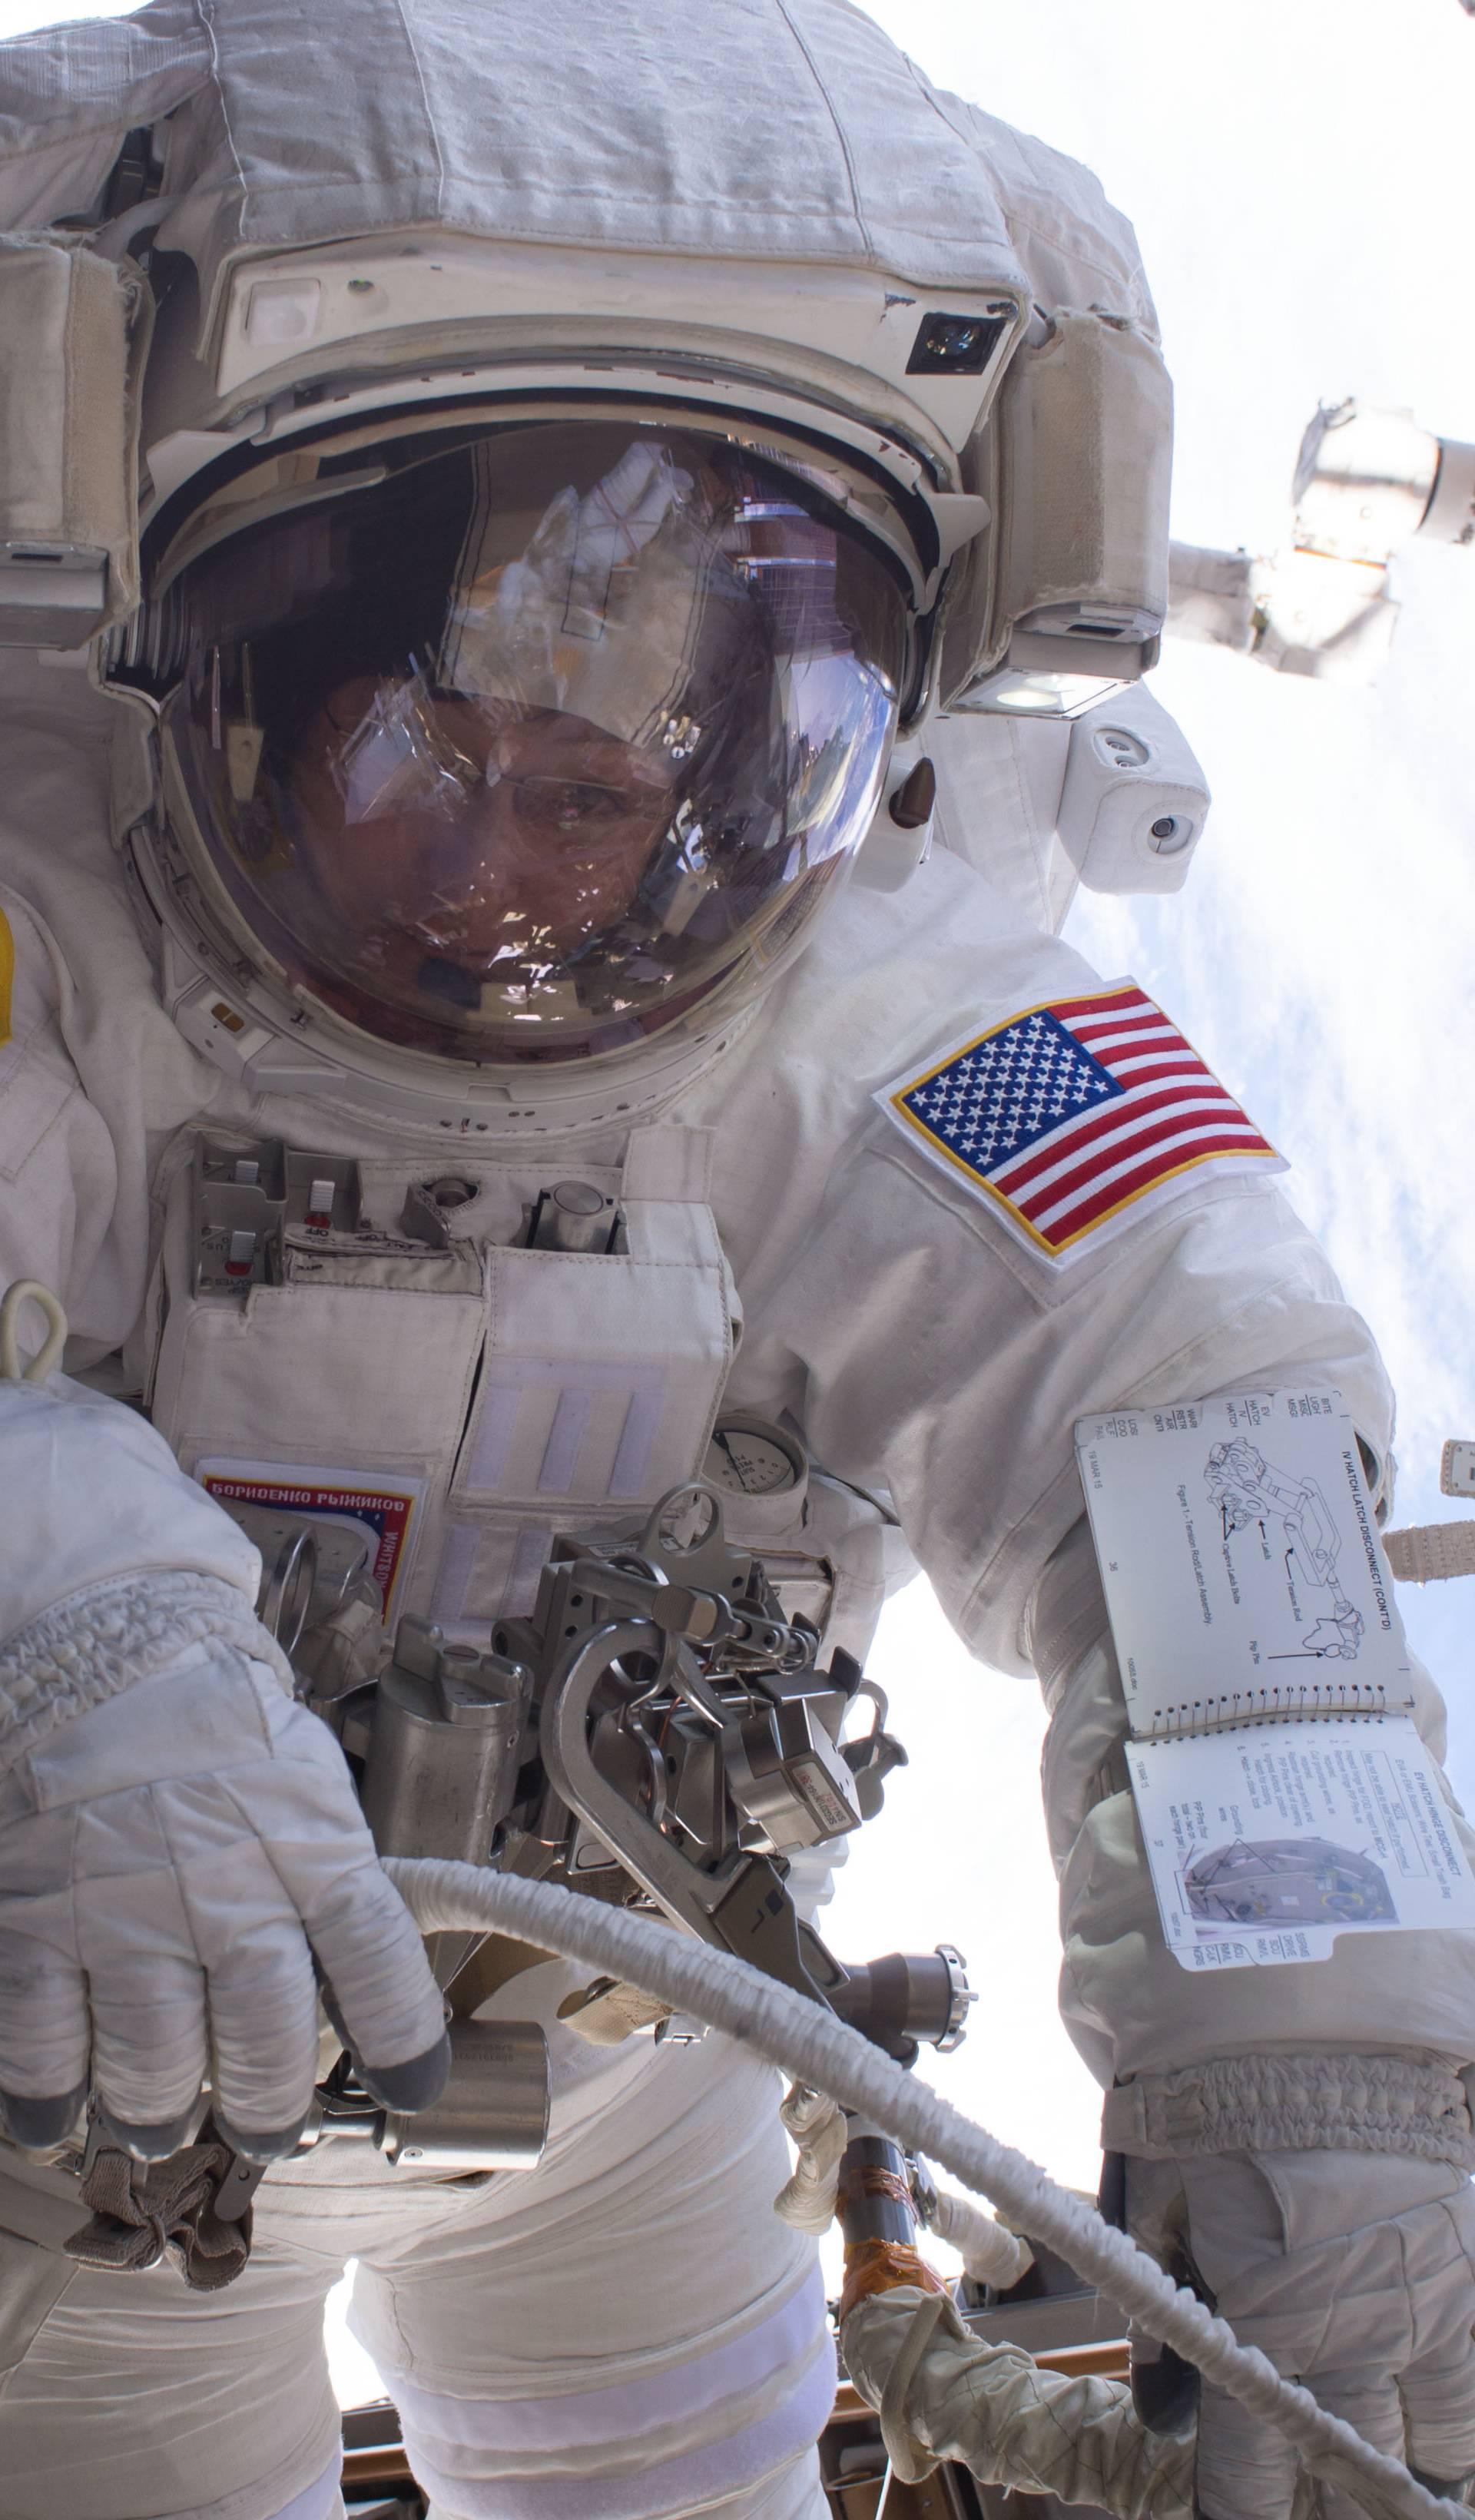 Koliko zarađuju astronauti koji u svemiru riskiraju svoj život?